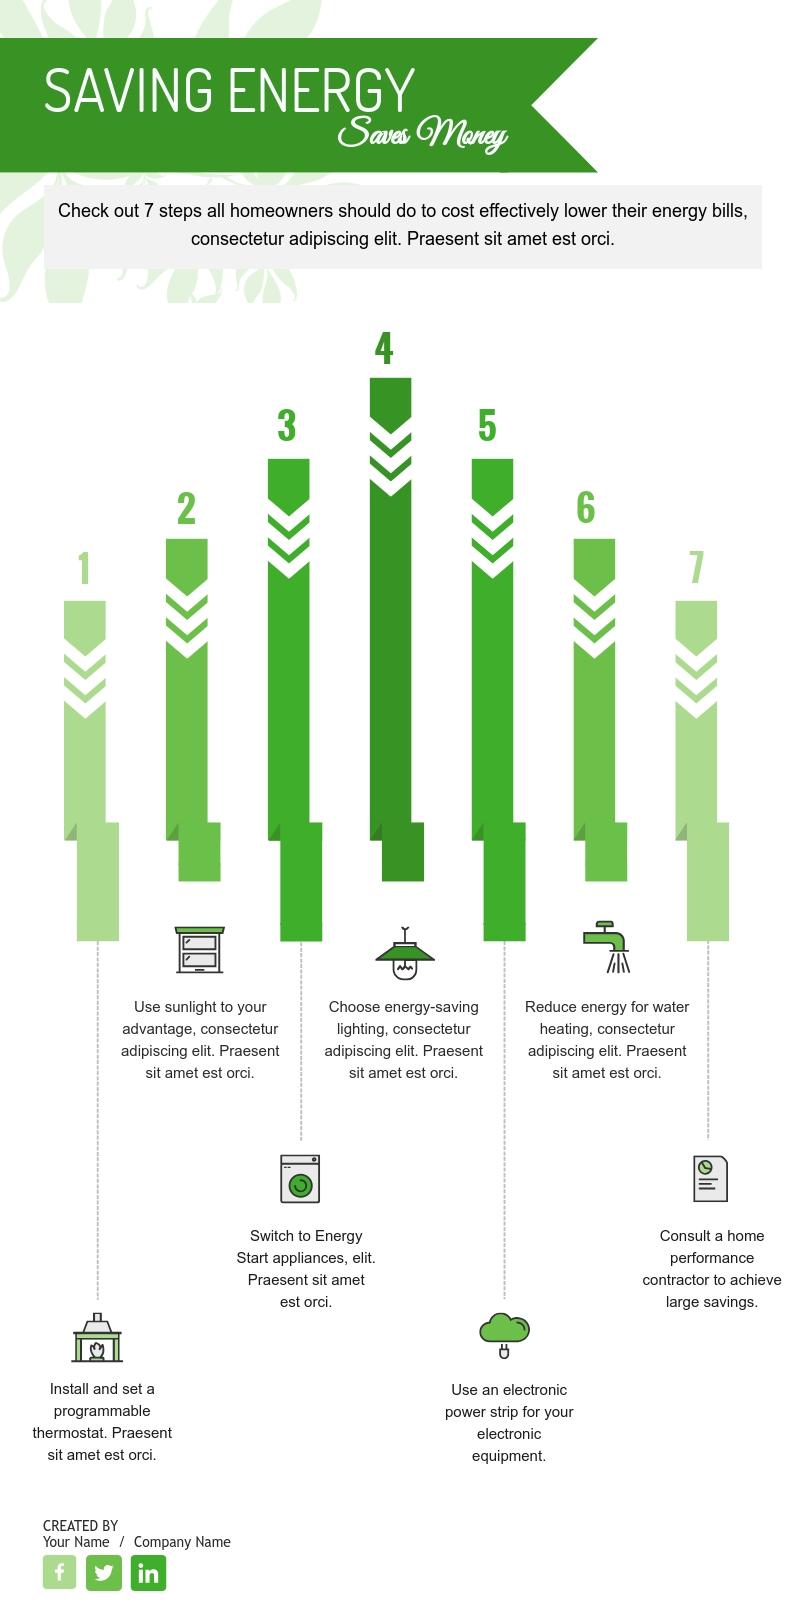 i_Saving-Energy-Infographic_full.jpg